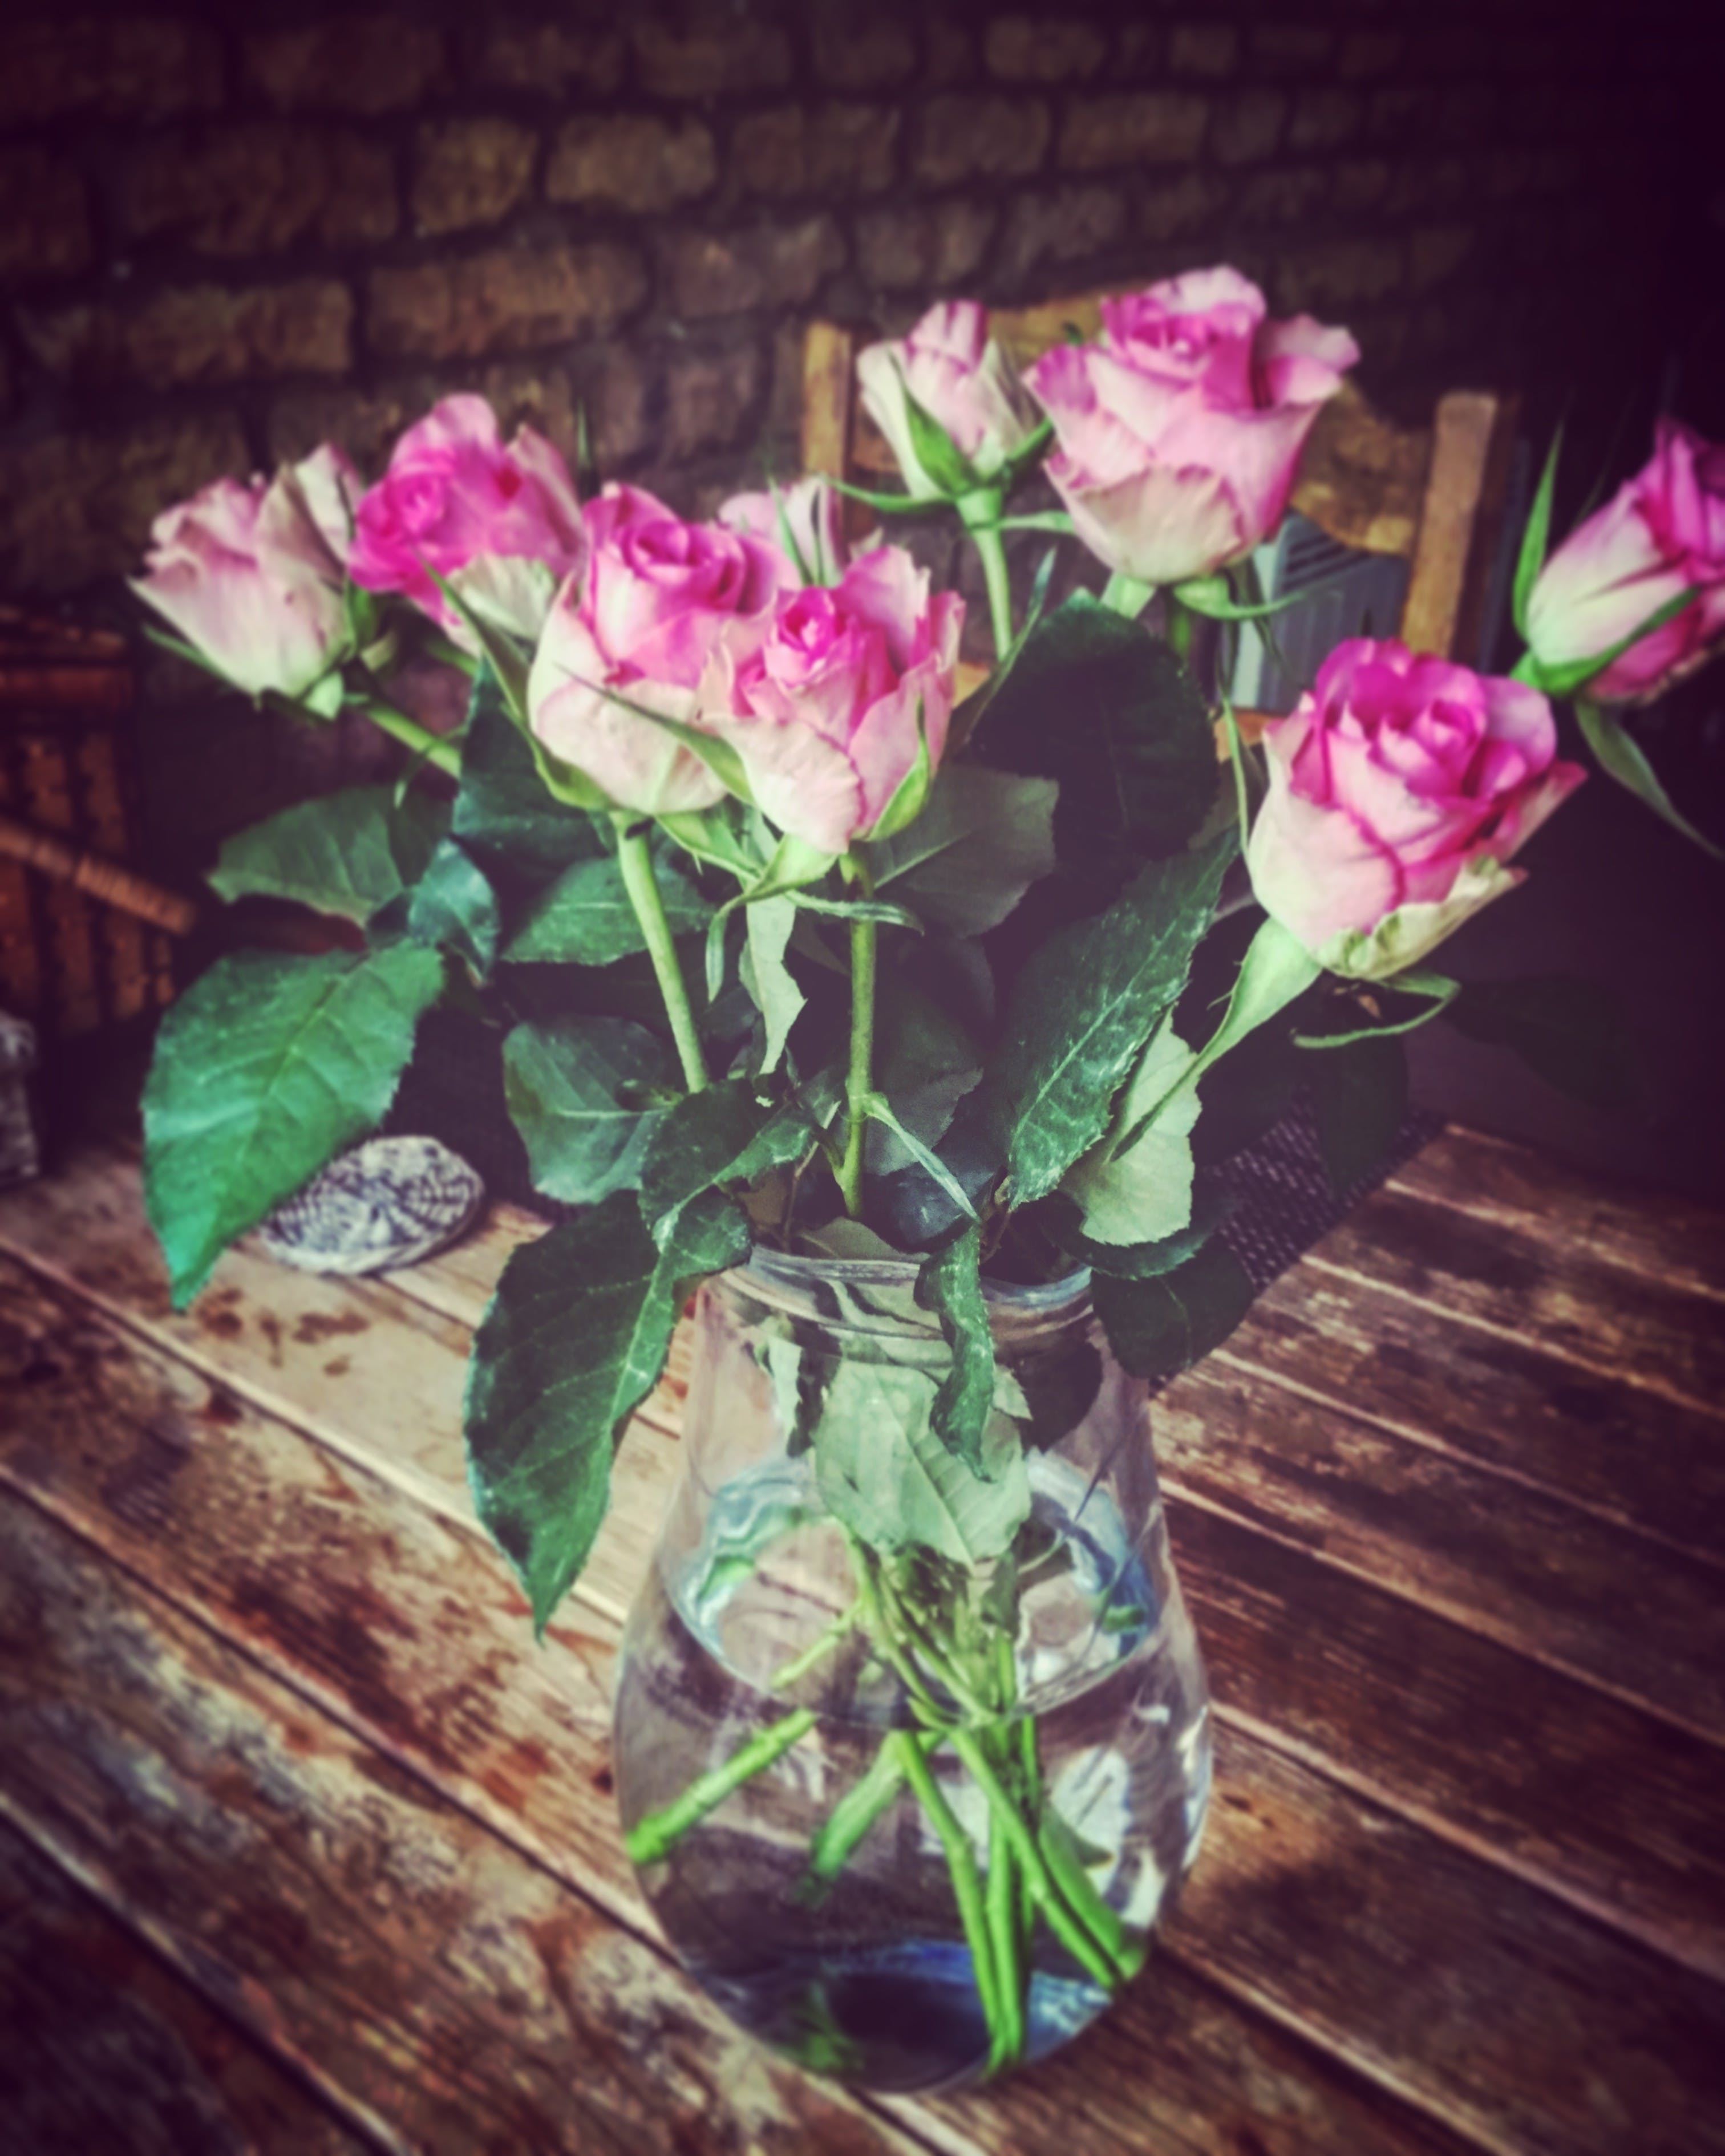 Free stock photo of roses, vase